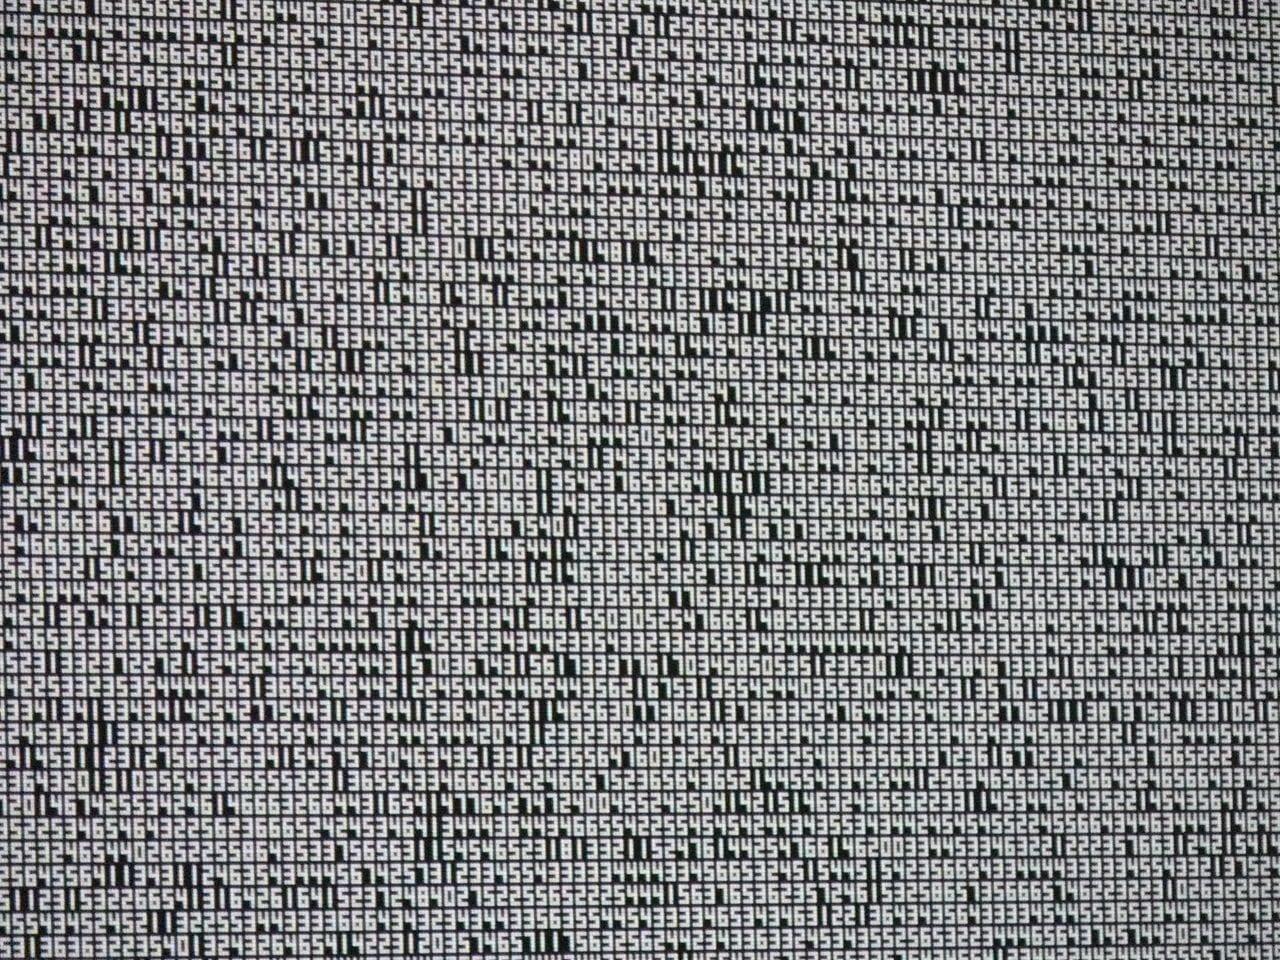 Data Validation on Google Spreadsheets